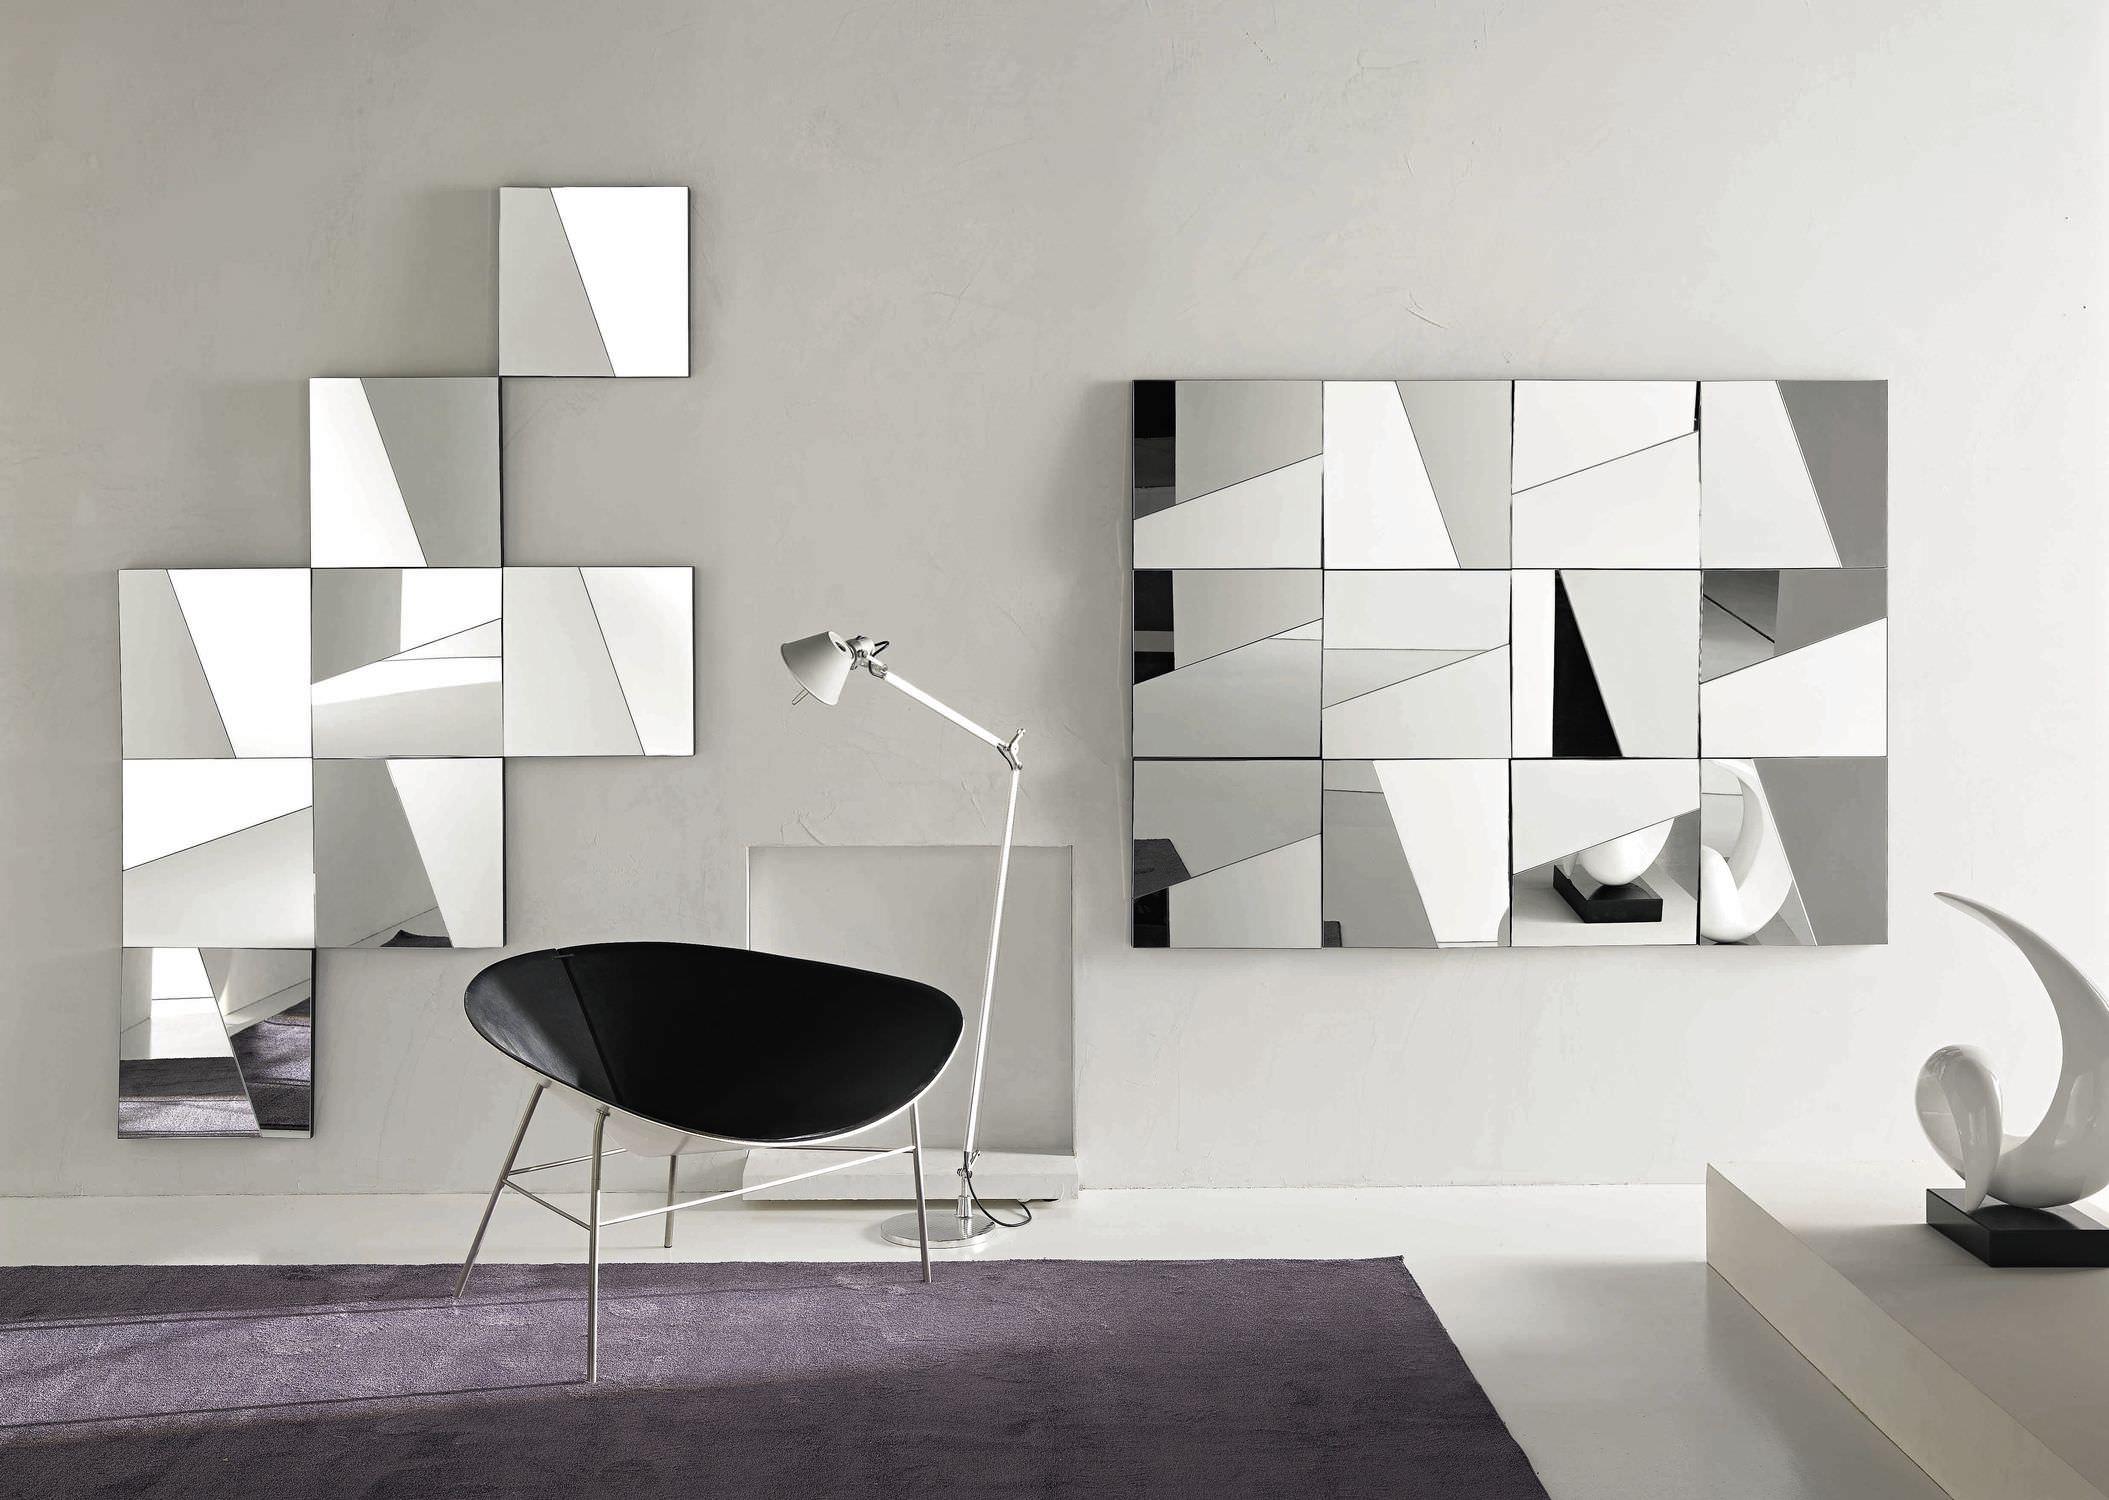 wall mounted mirror contemporary square stati danimo by giovanni tommaso garattoni